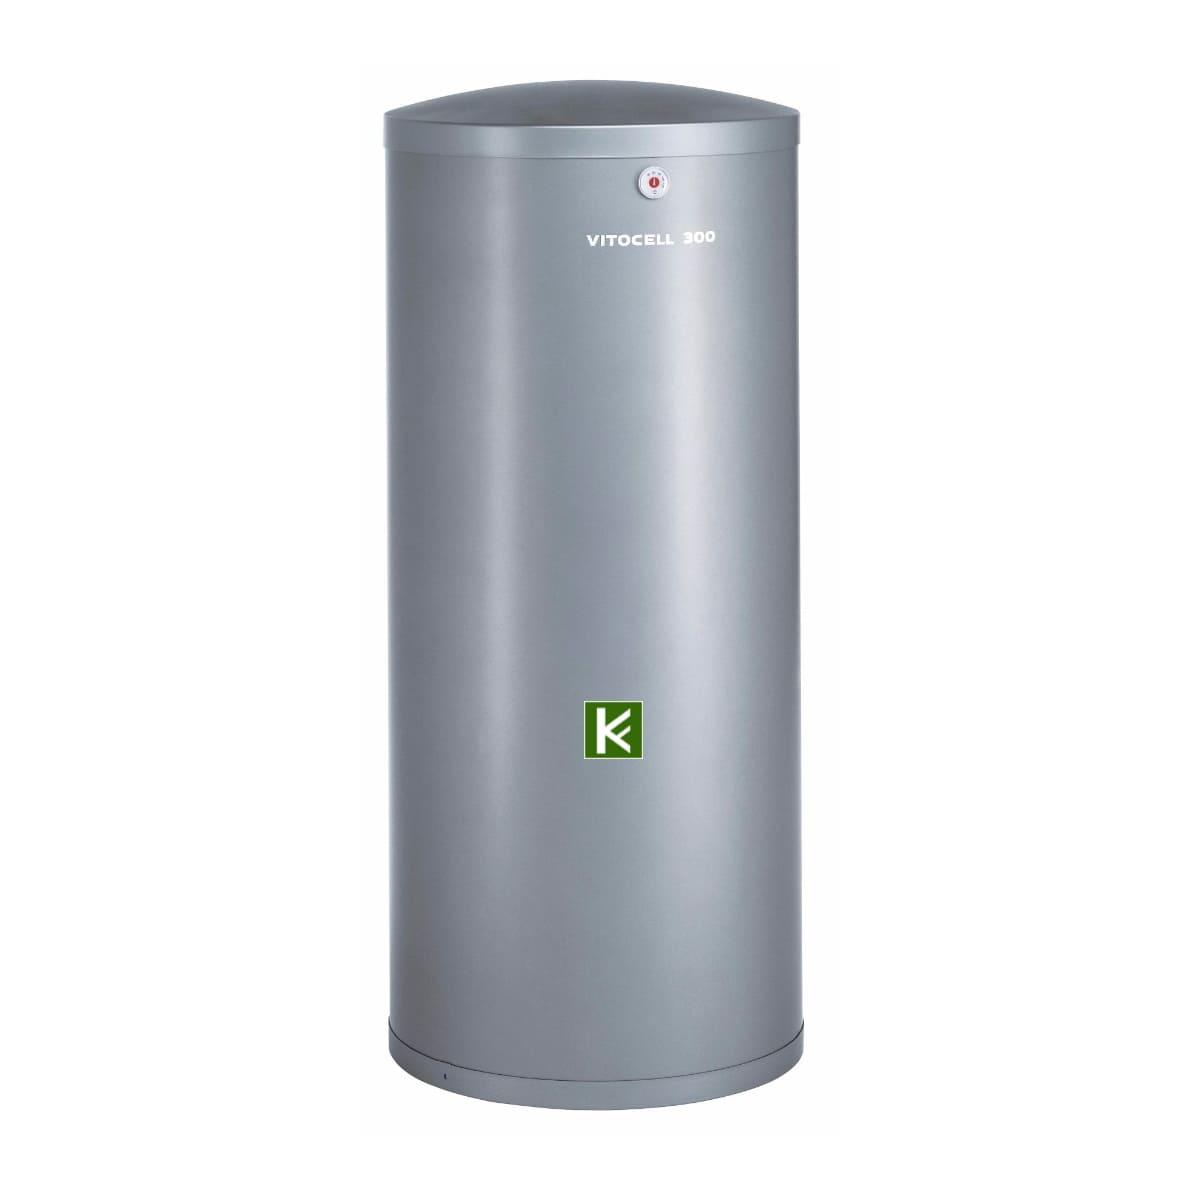 Бойлер косвенного нагрева Viessmann Vitocell 300-V водонагреватель Висман